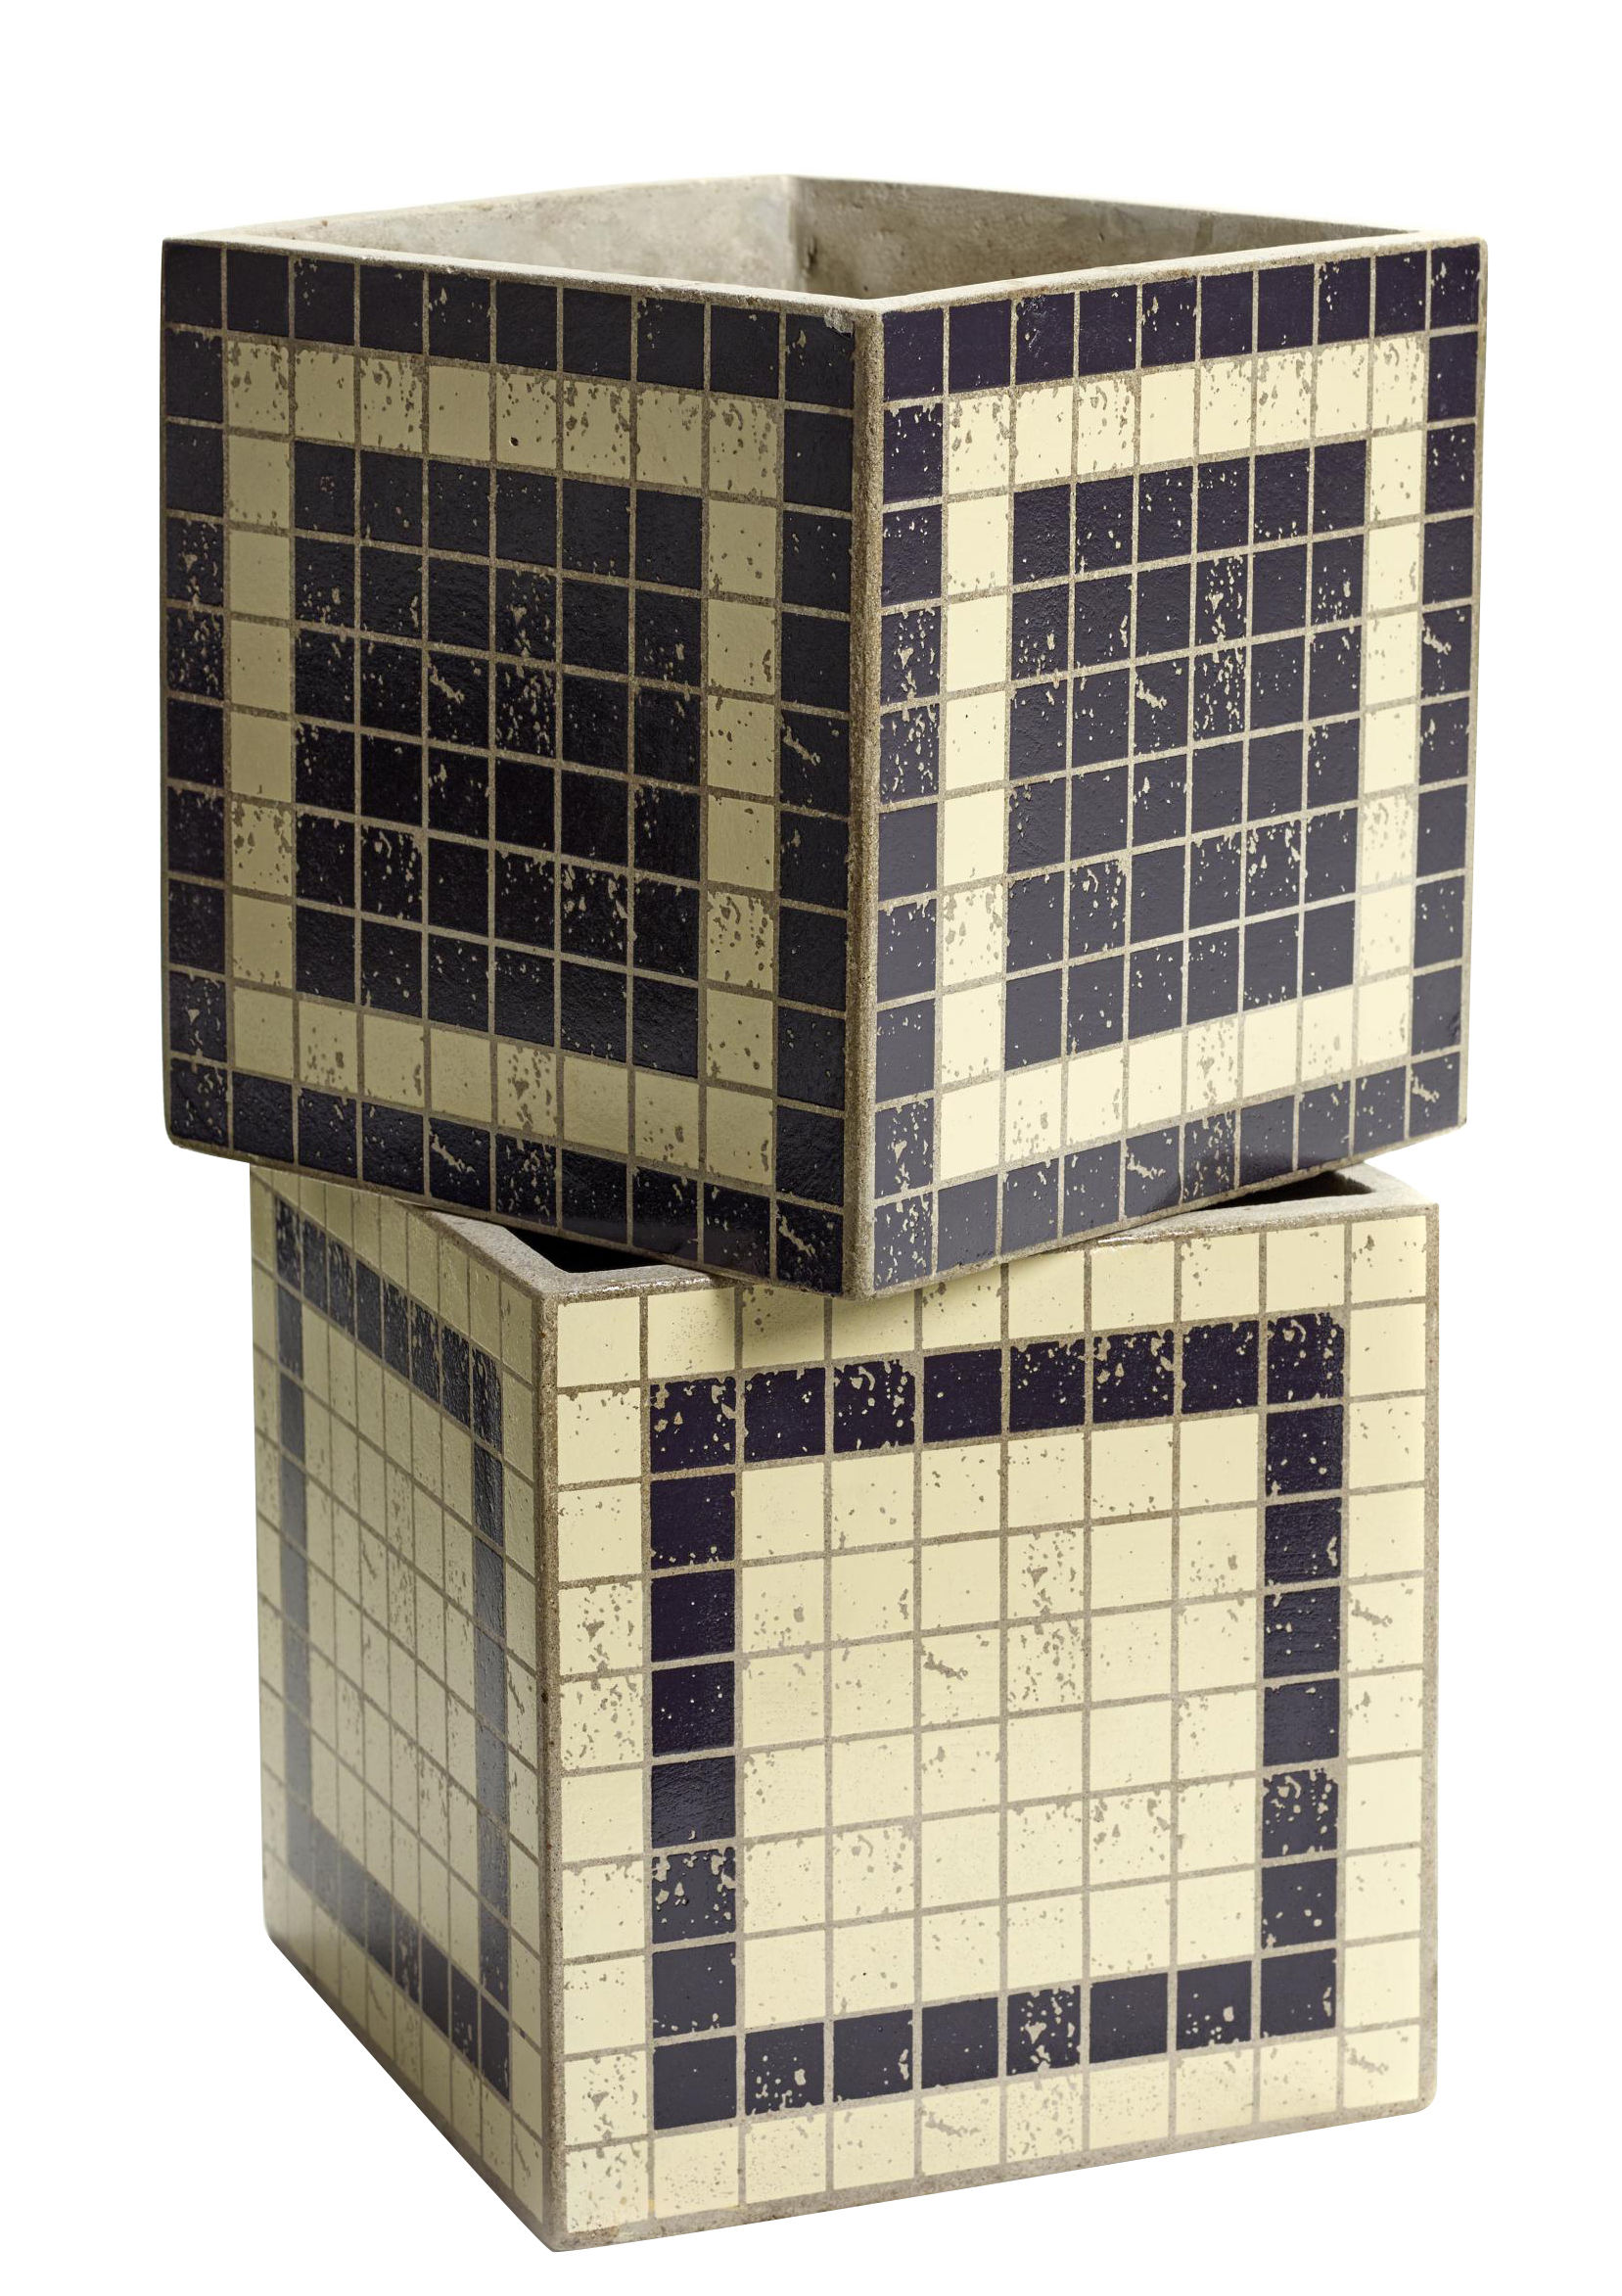 Decoration - Flower Pots & House Plants - Marie Mosaïque Pot - Set of 2 - Mosaic by Serax - Black & White - Enamelled concrete